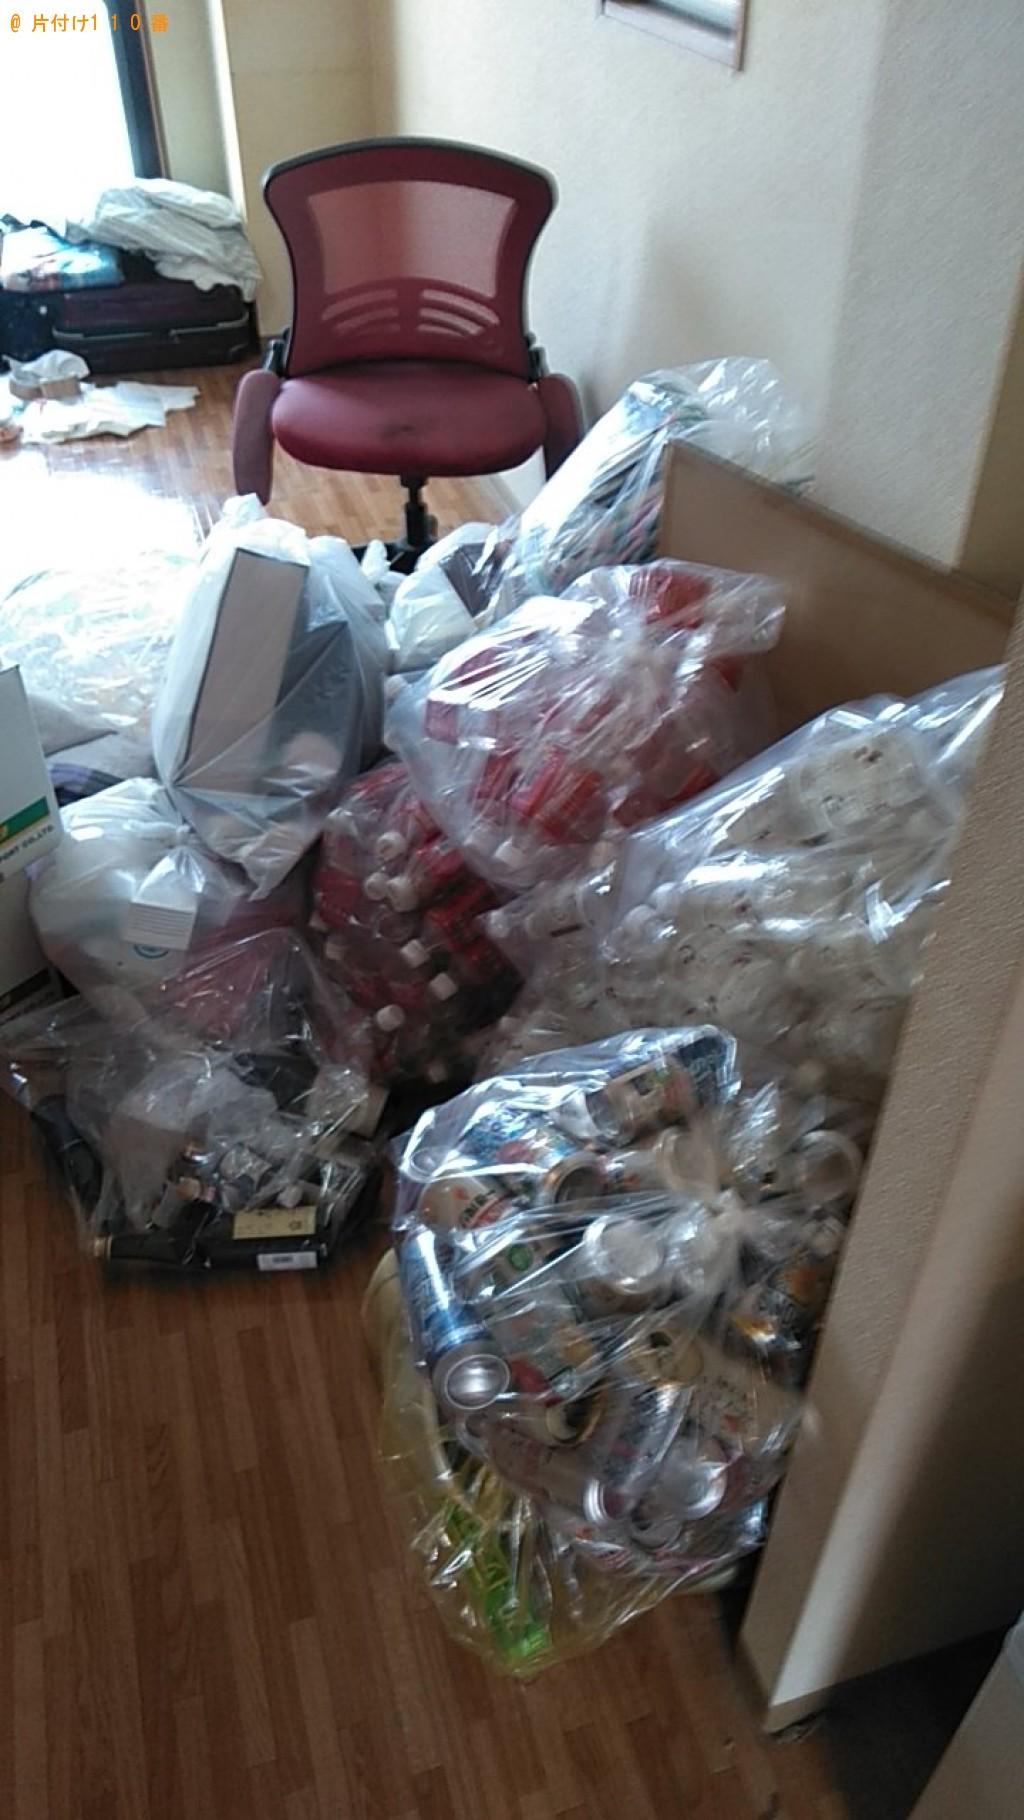 【松山市】椅子、家庭ごみなどの回収・処分 お客様の声